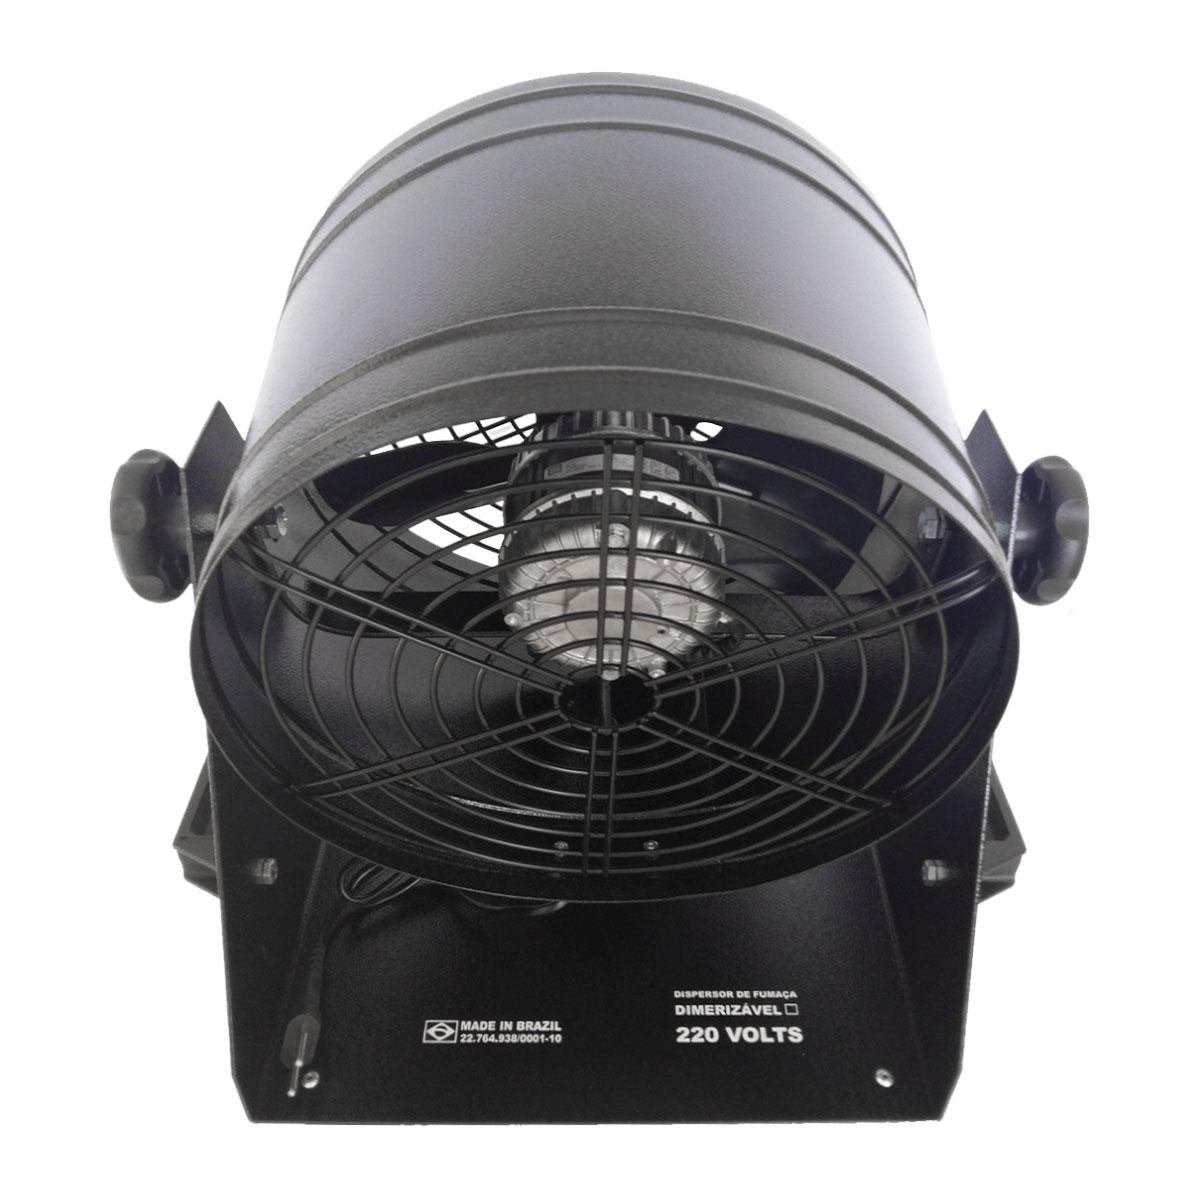 Ventilador para Dispersar Fumaça Dimmerizável LVE25+DI 220V - Lumyna Light